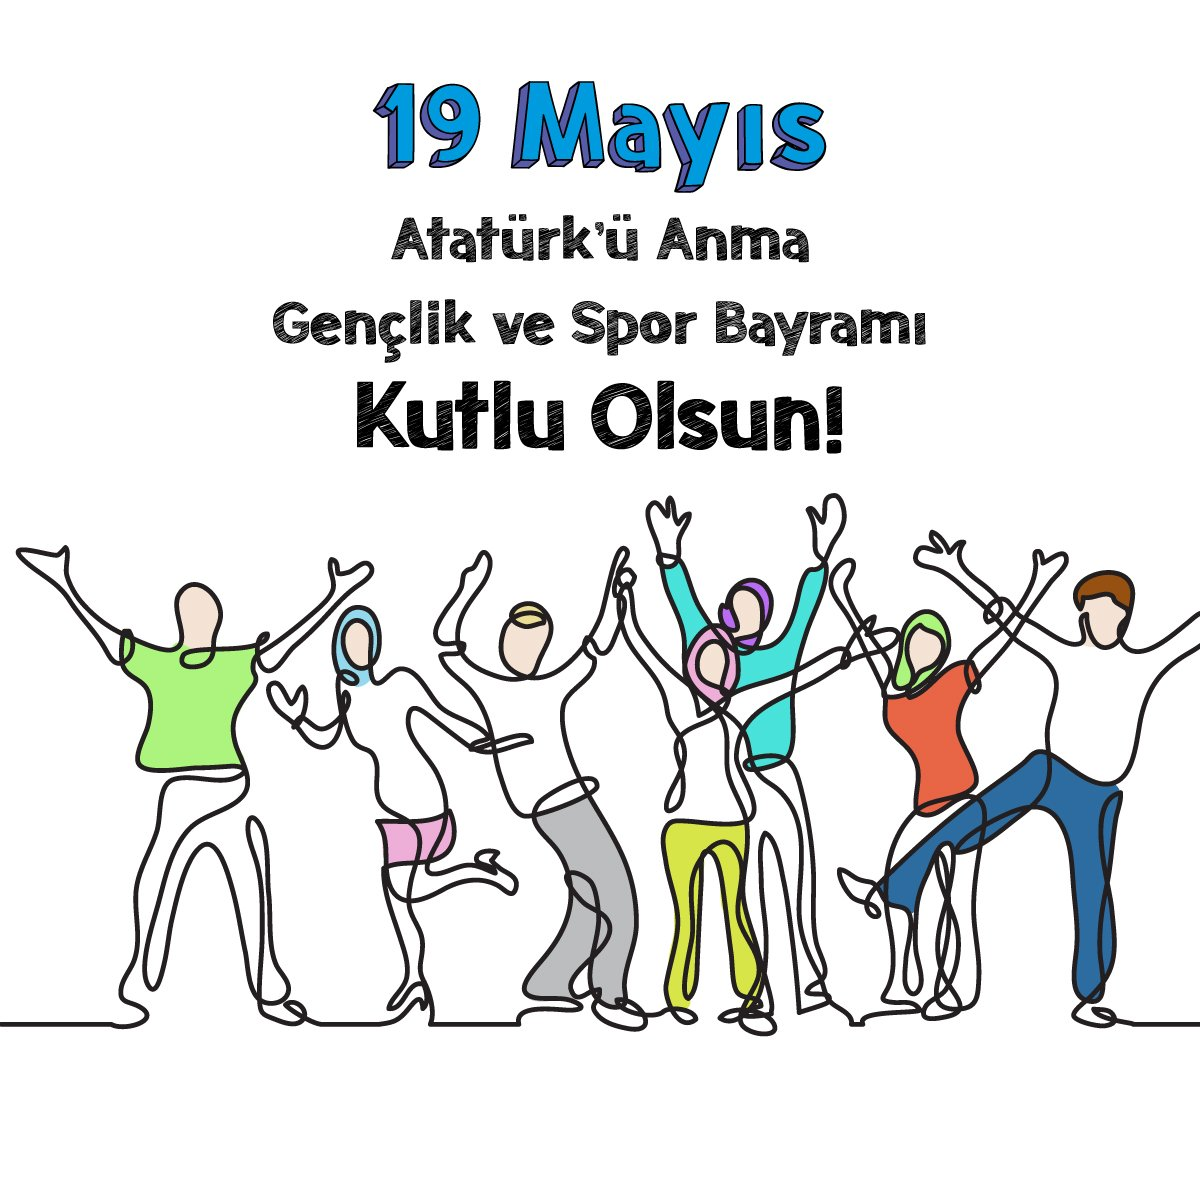 Stabilo Türkiye On Twitter Hayatı Renklendiren Tüm Gençlerin 19